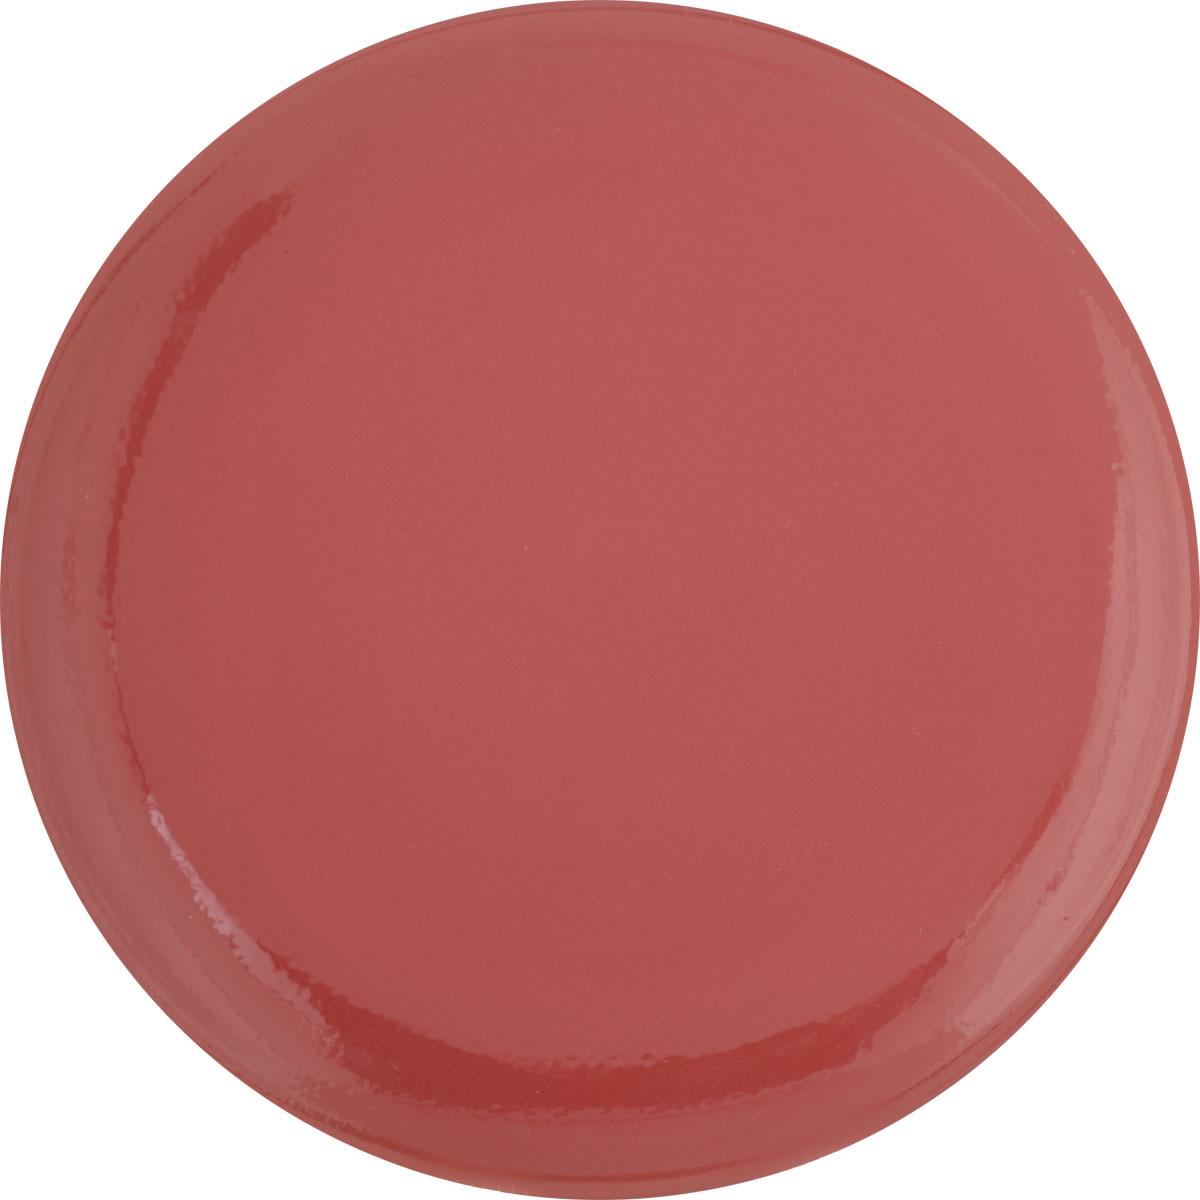 Тарелка Борисовская керамика Радуга, диаметр 23 смРАД14458120Тарелка Борисовская керамика Радуга выполнена из высококачественной керамики. Изделие идеально подойдет для сервировки стола и станет отличным подарком к любому празднику. Можно использовать в духовке и микроволновой печи.